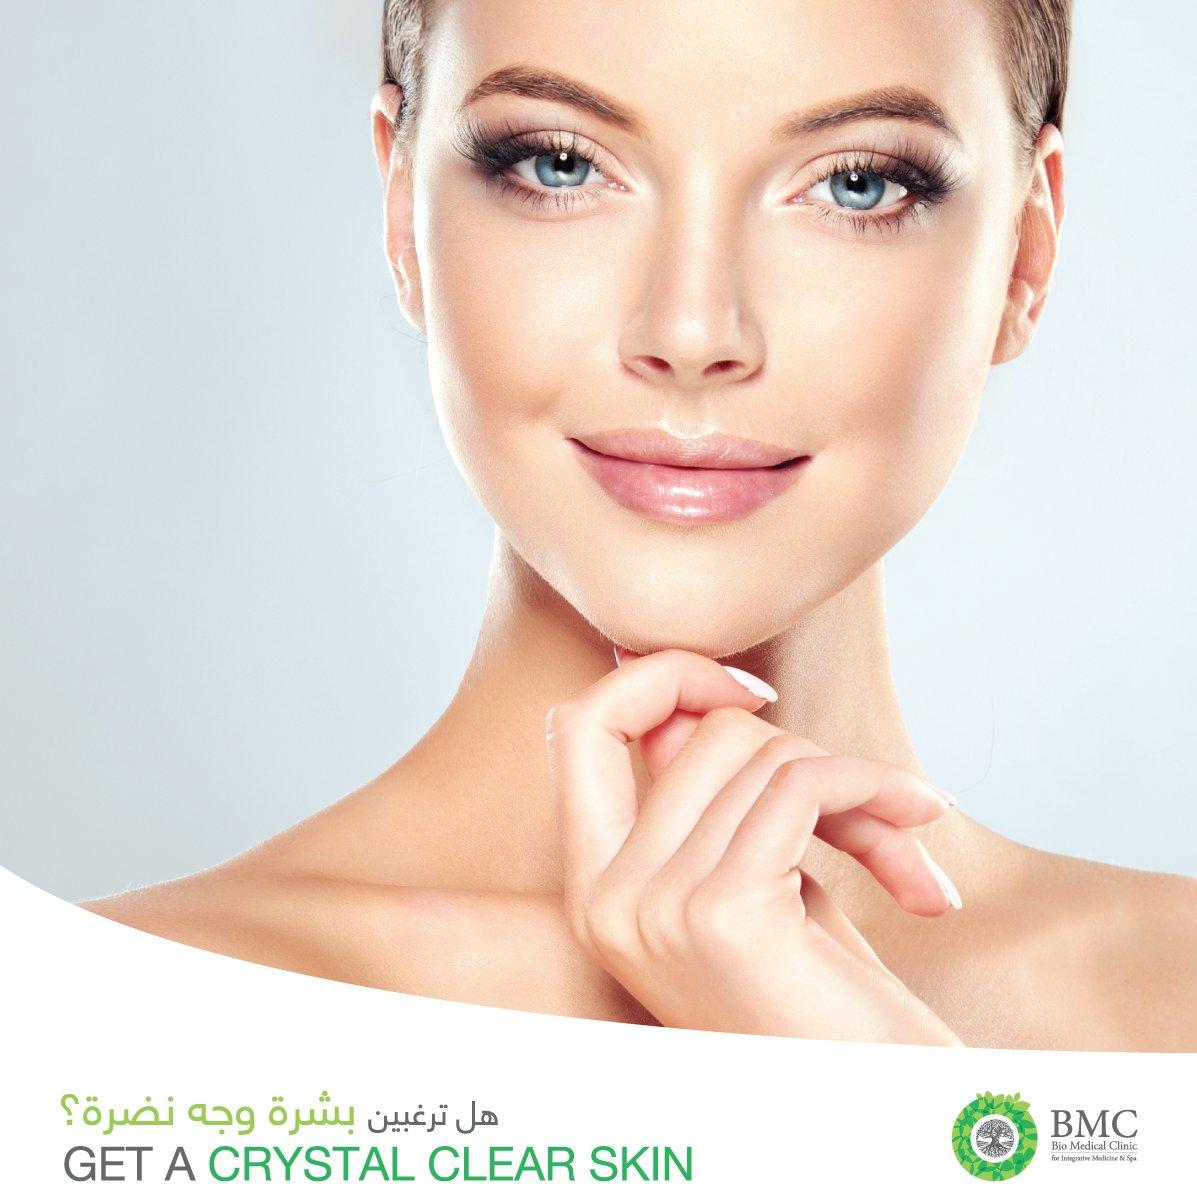 الكل يرغب في بشرة وجة  نضرة لامعة , عيادات BMC الحيوية تقدم اقوى العروض علي خدمات #تنظيف_البشرة بأسعار مناسبة للجميع  Everyone wants a crystal clear skin, #BMC #Bio_Clinics have  great offers on deep #Facial_cleansing  at affordable prices